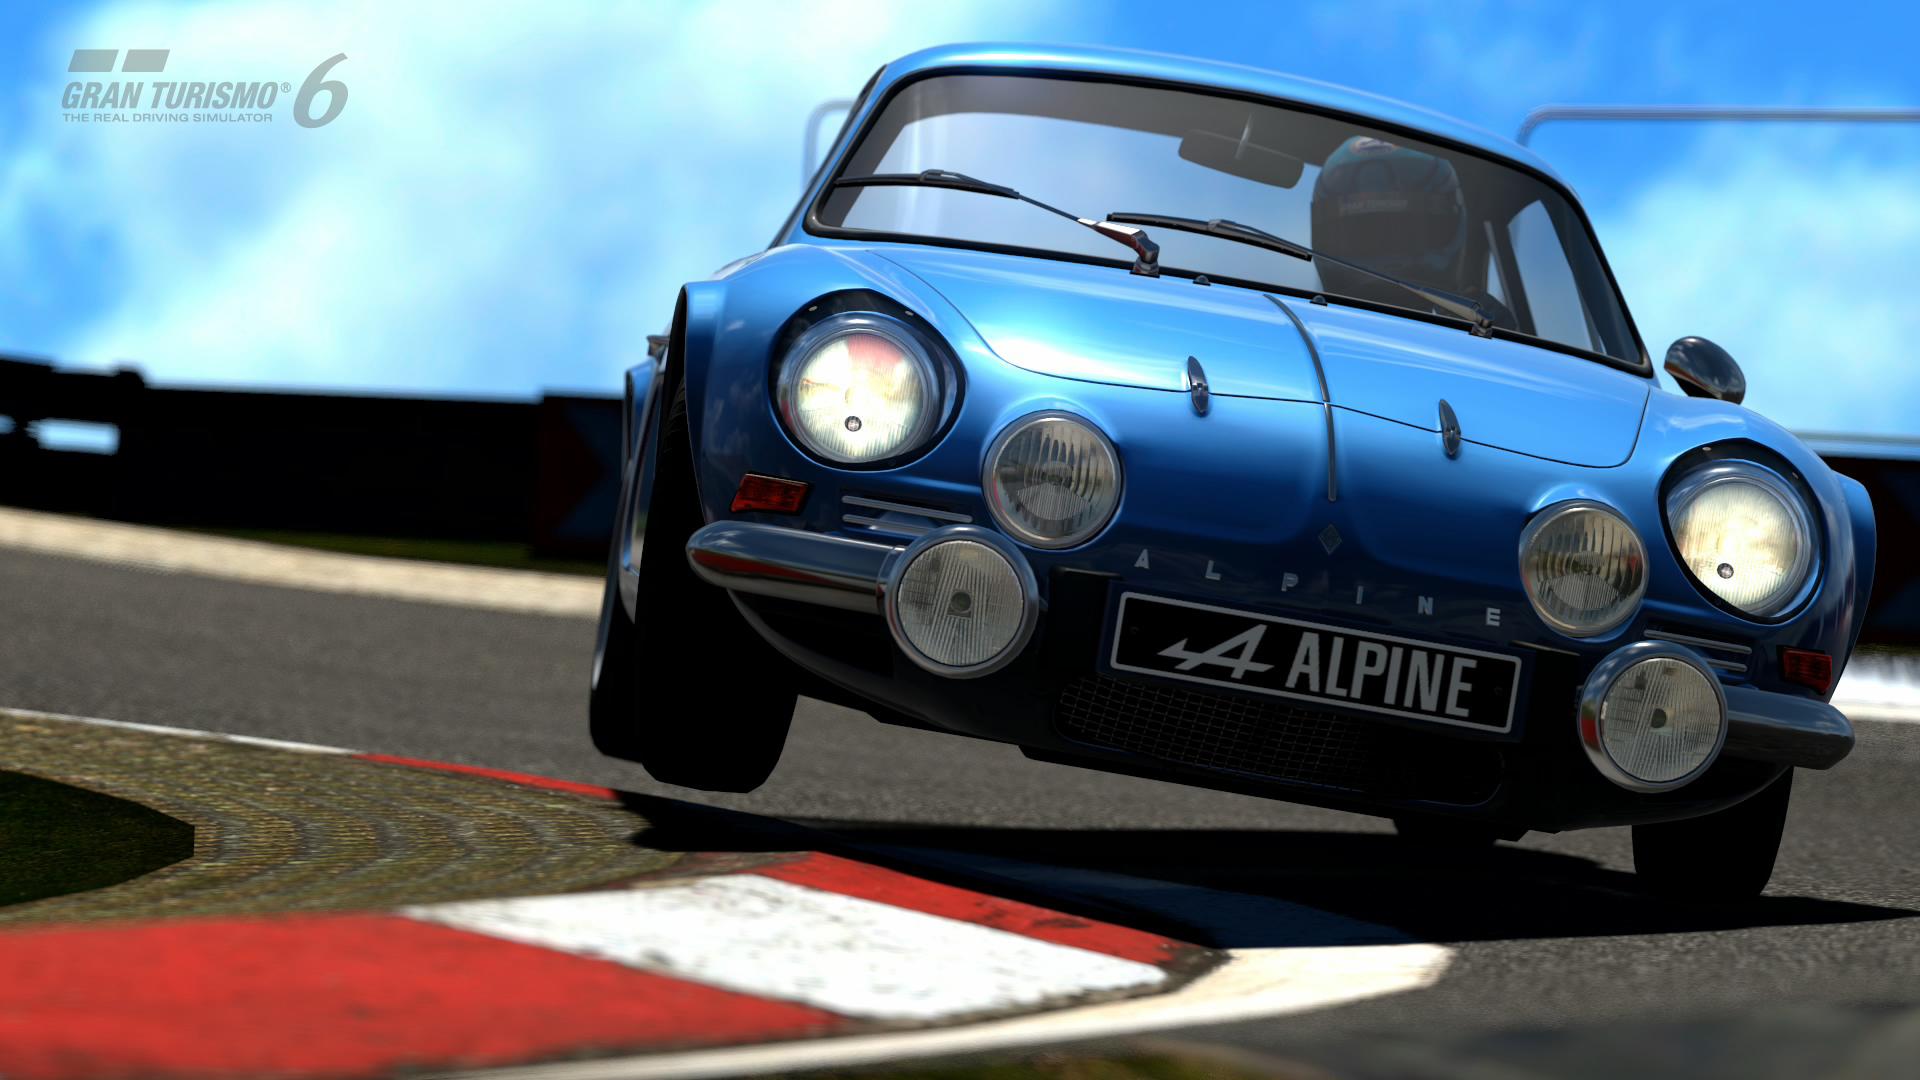 Alpine A110 Gran Turismo 6